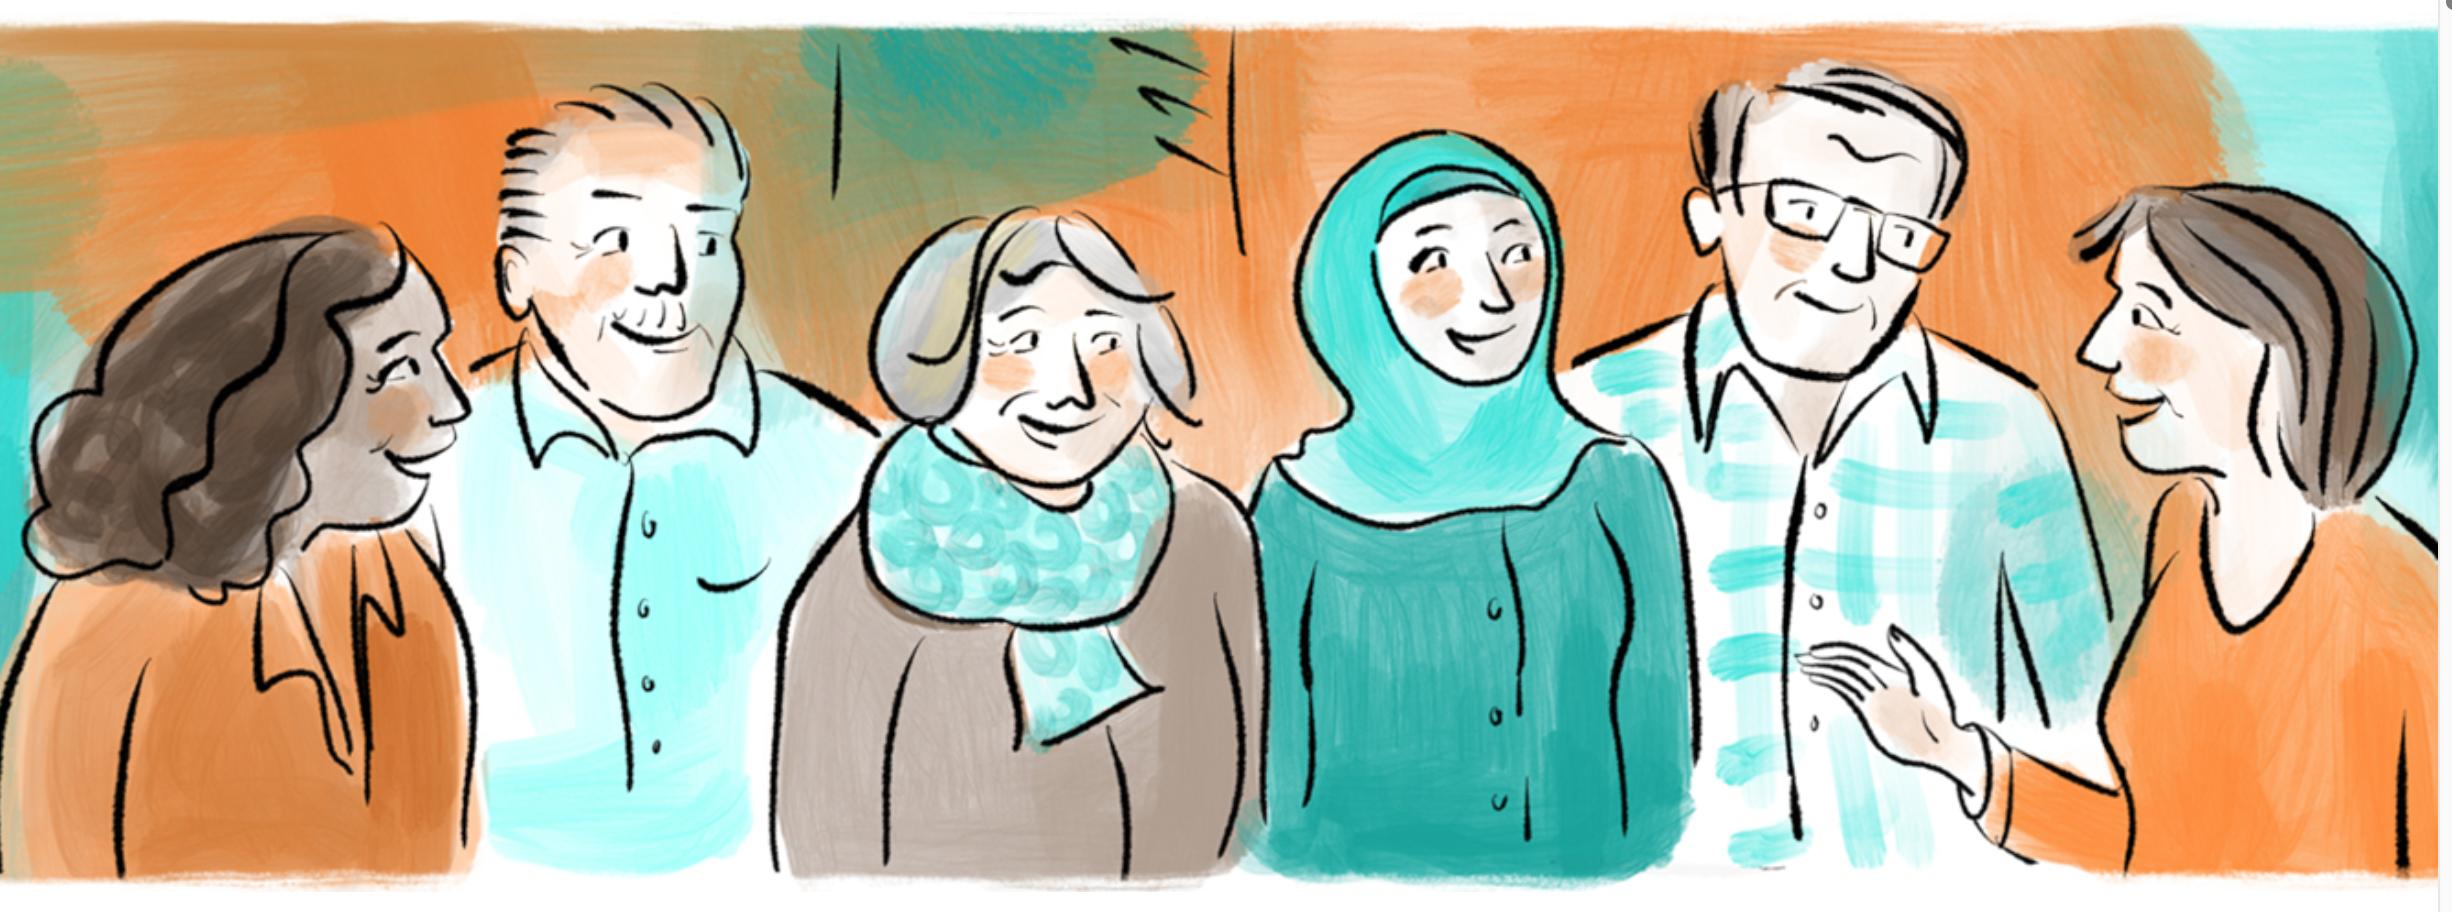 Diversität im Ehrenamt, Illustration